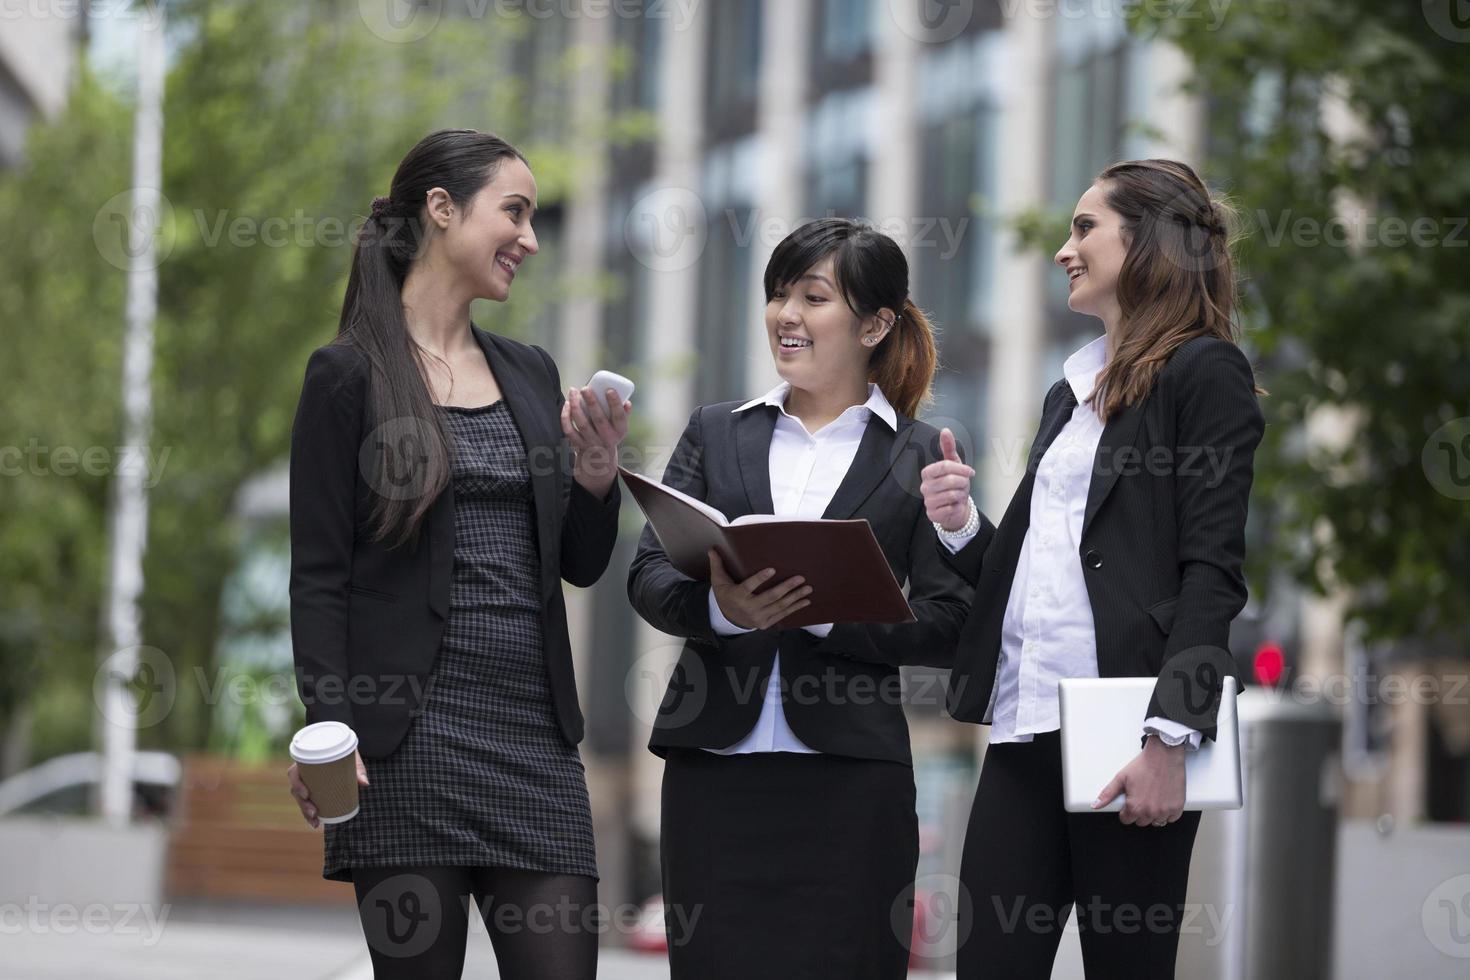 tre imprenditrici all'aperto a parlare. foto